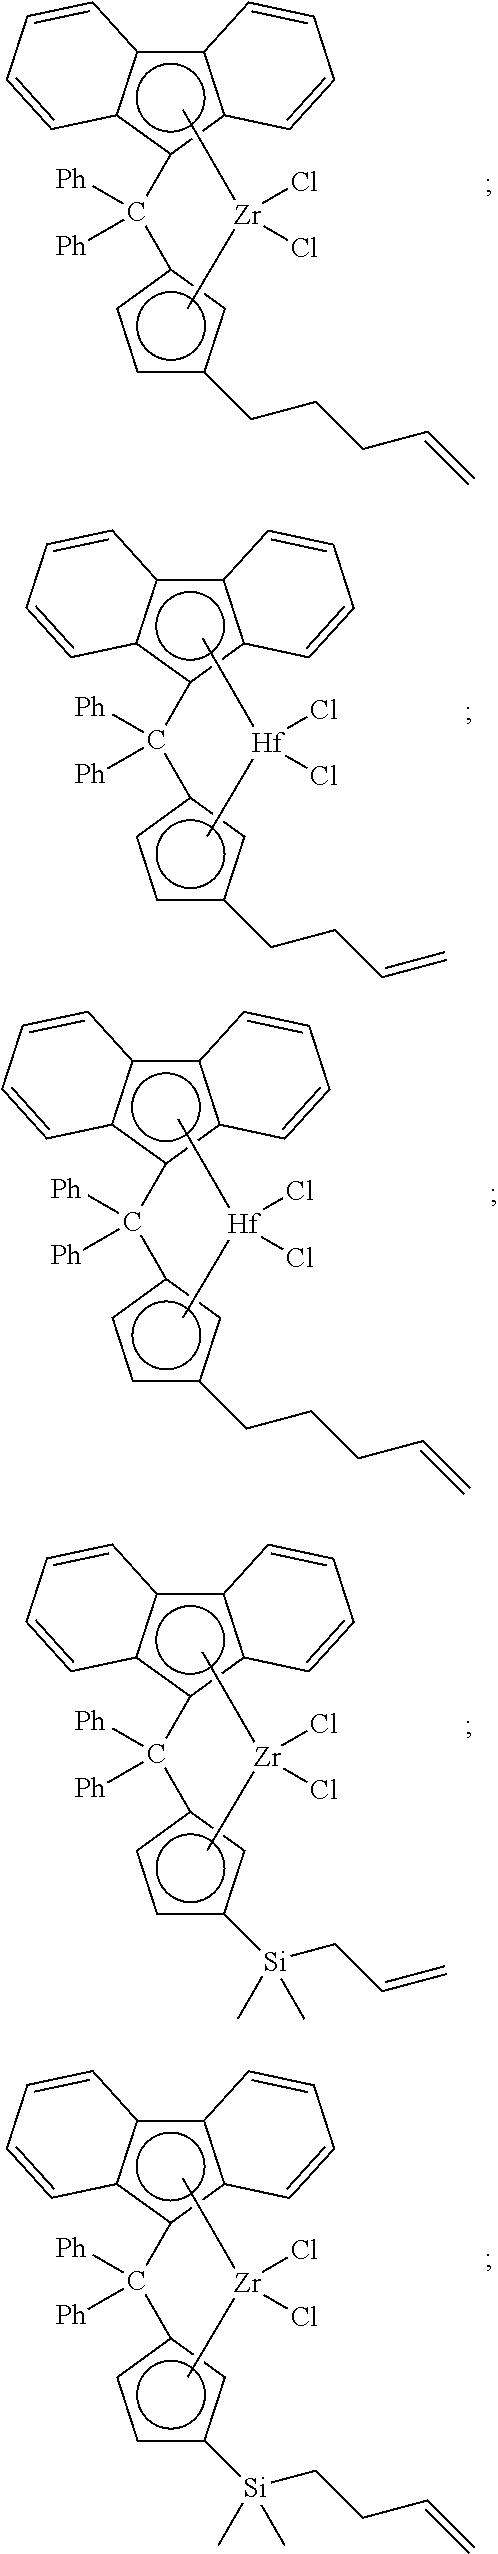 Figure US08450436-20130528-C00009